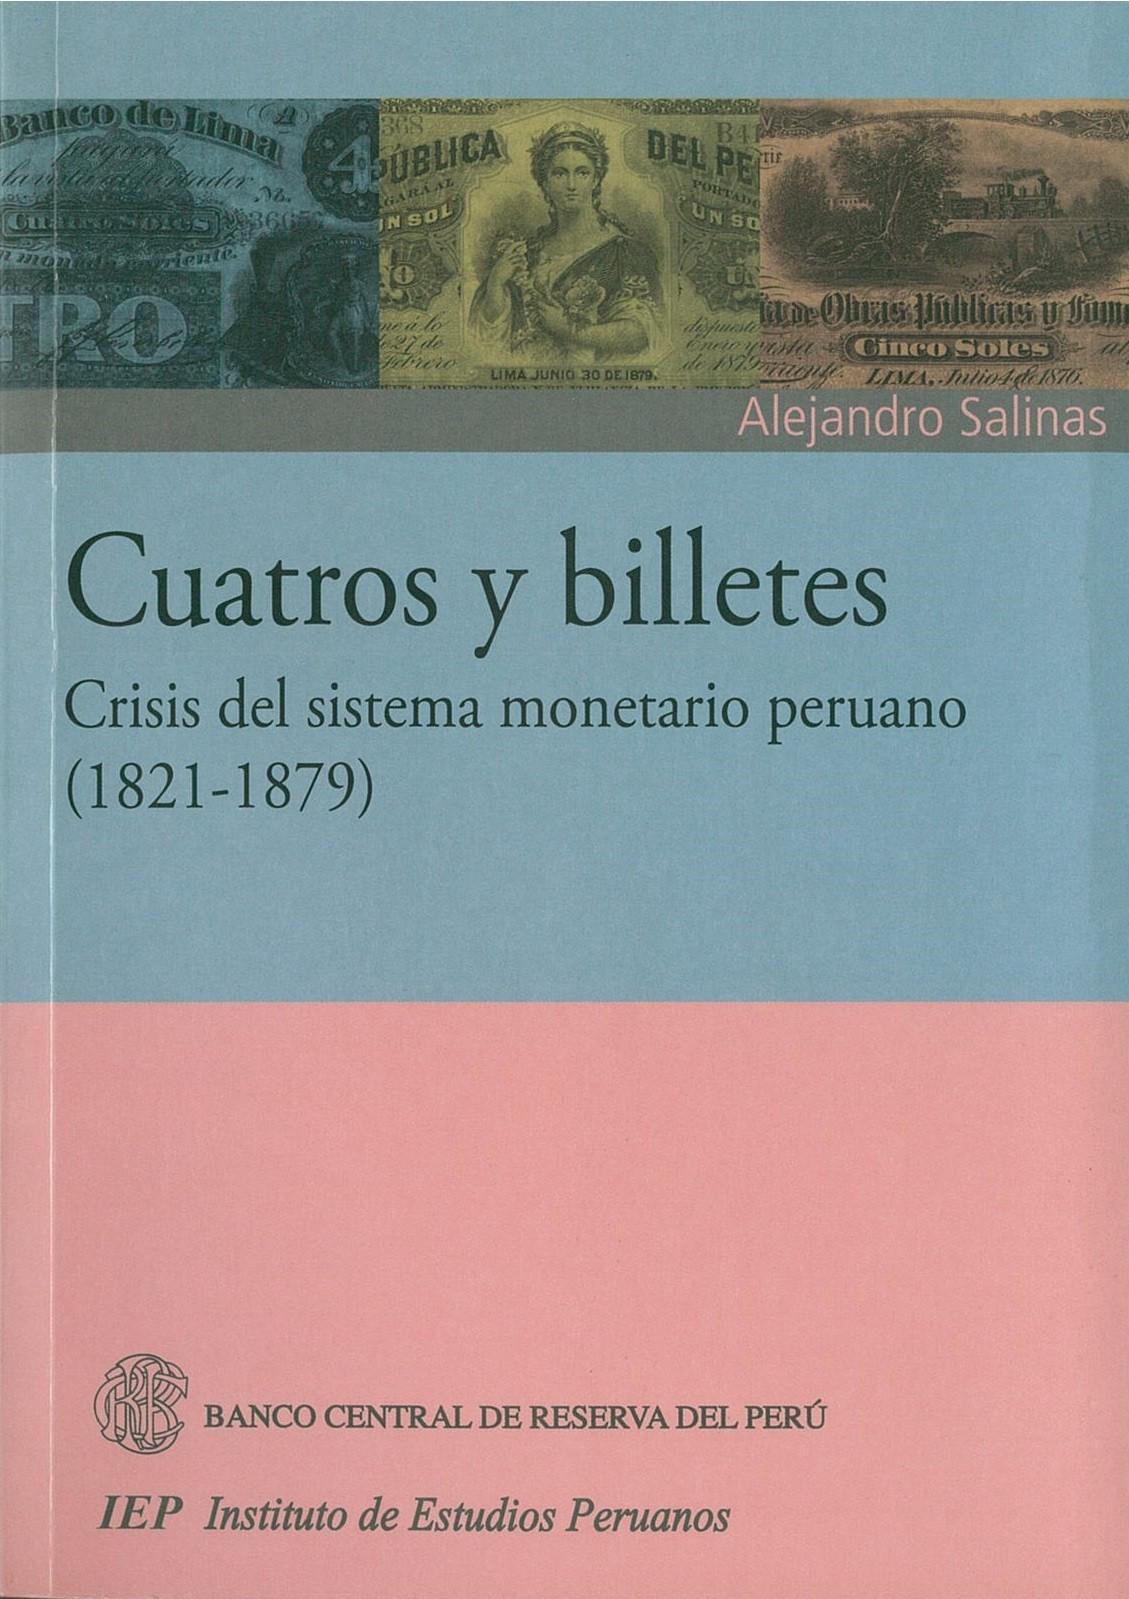 Cuatros y billetes: crisis del sistema monetario peruano,  1821- 1879